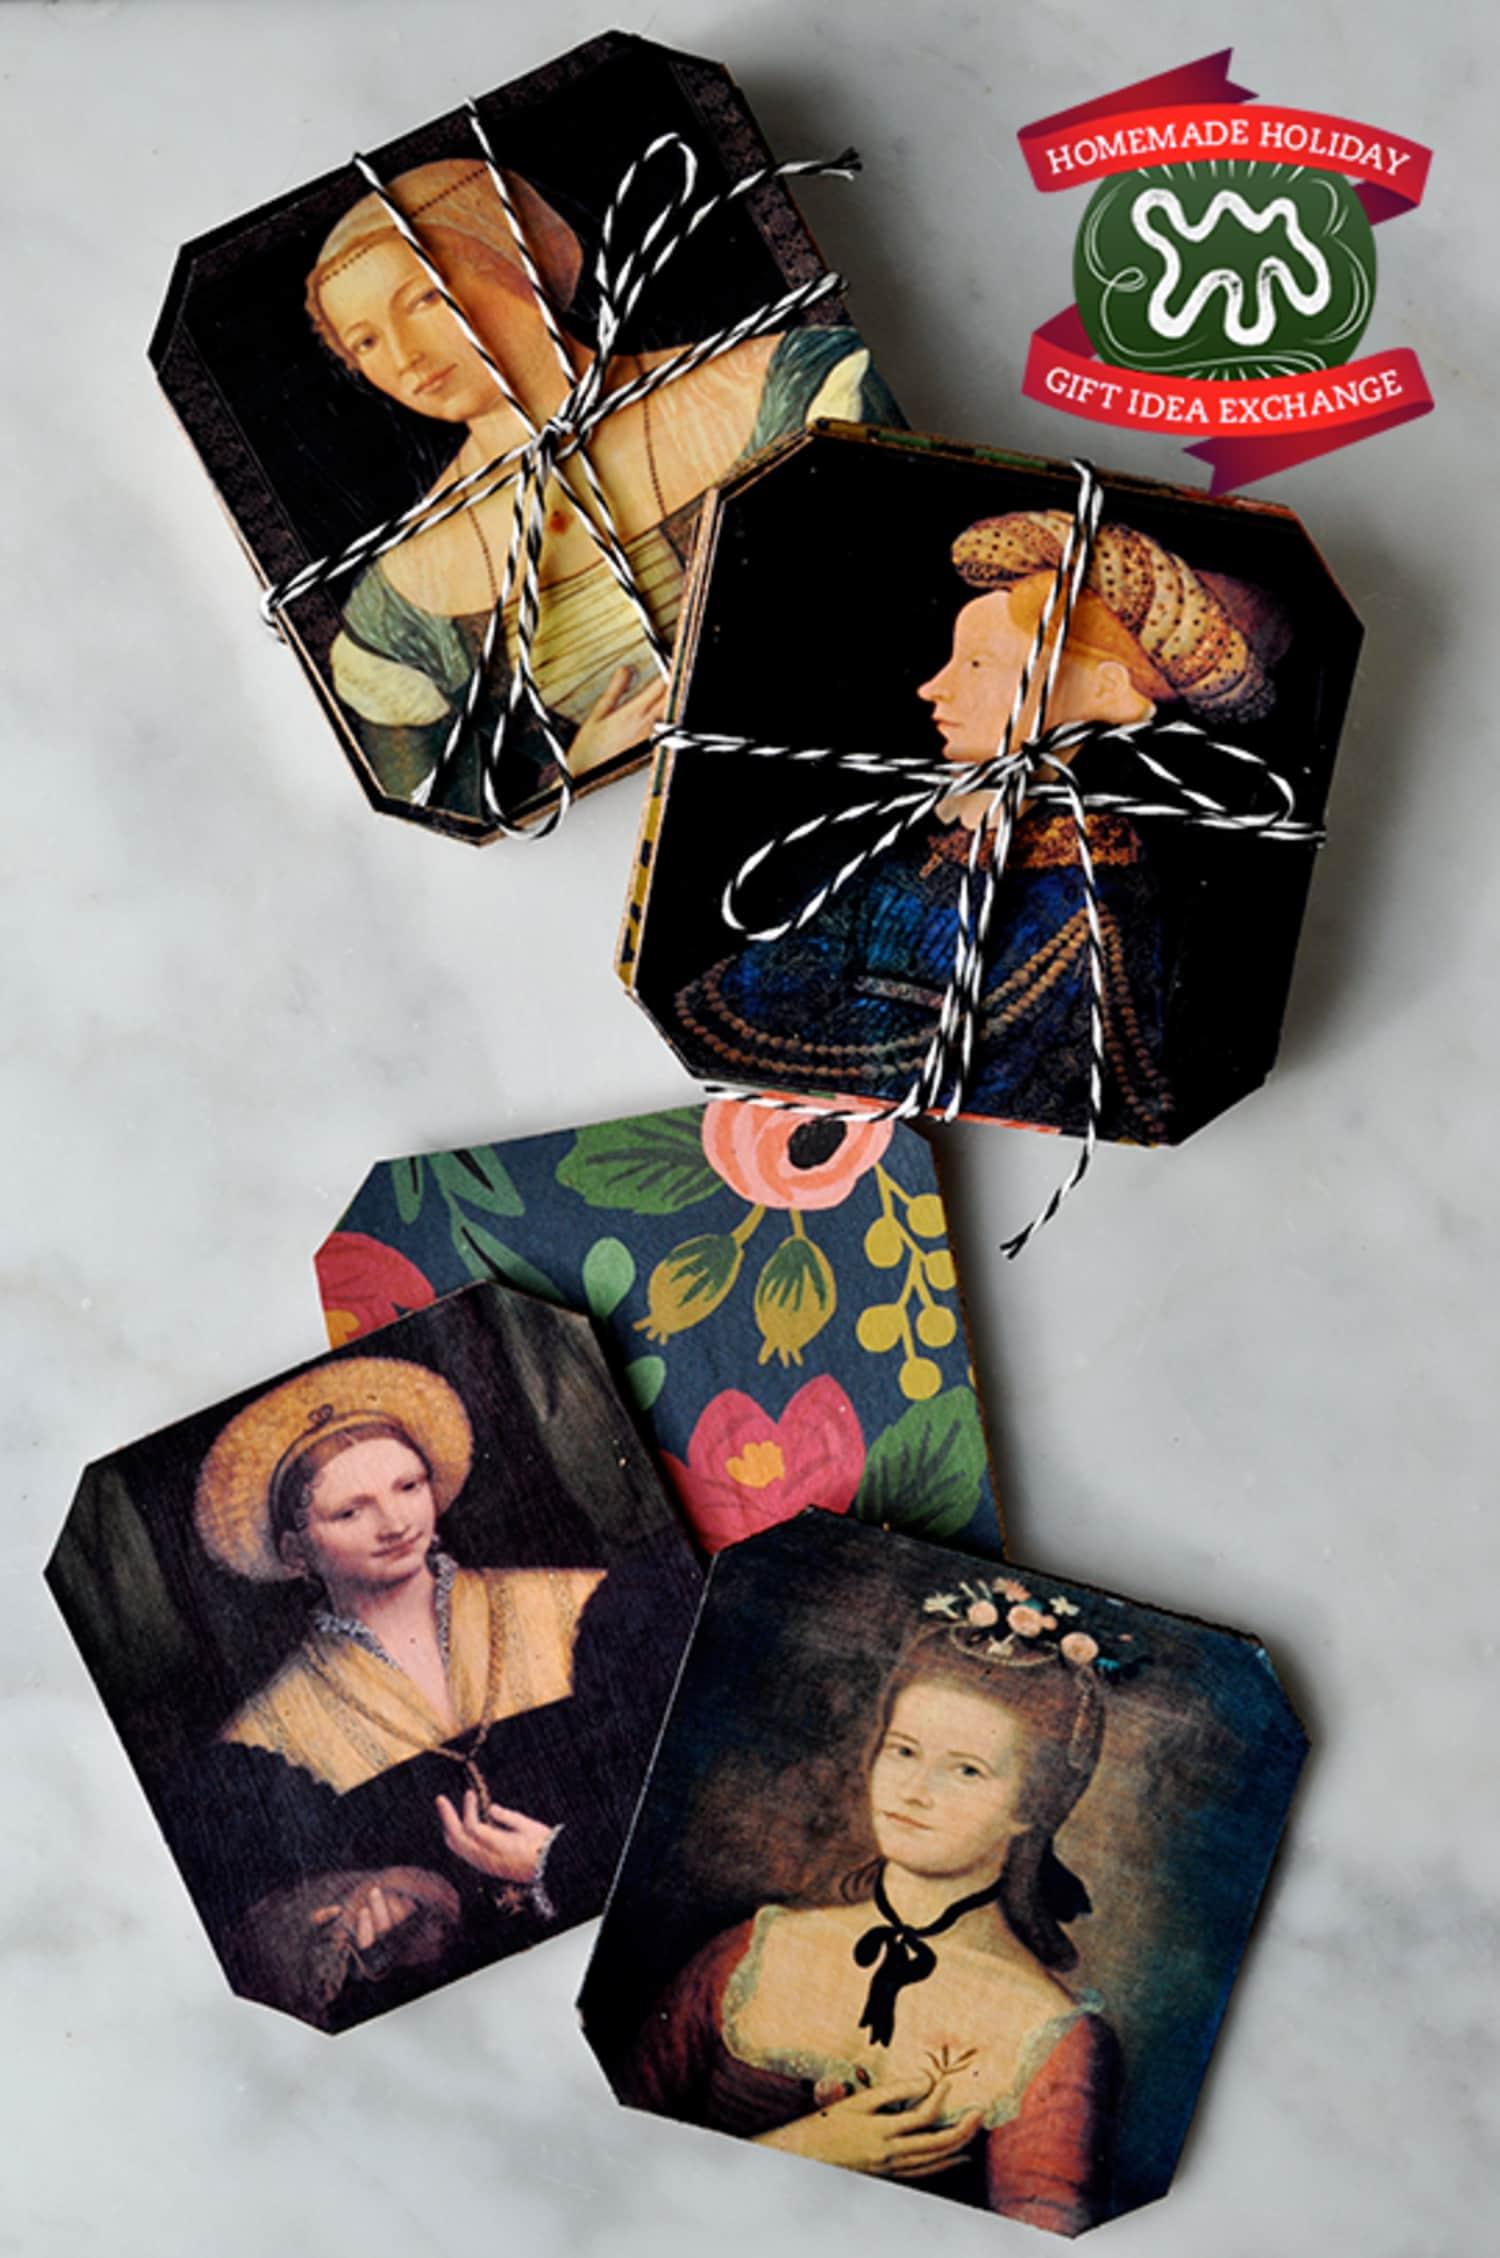 Homemade Holiday Gift Idea!: Make Easy Custom Coasters